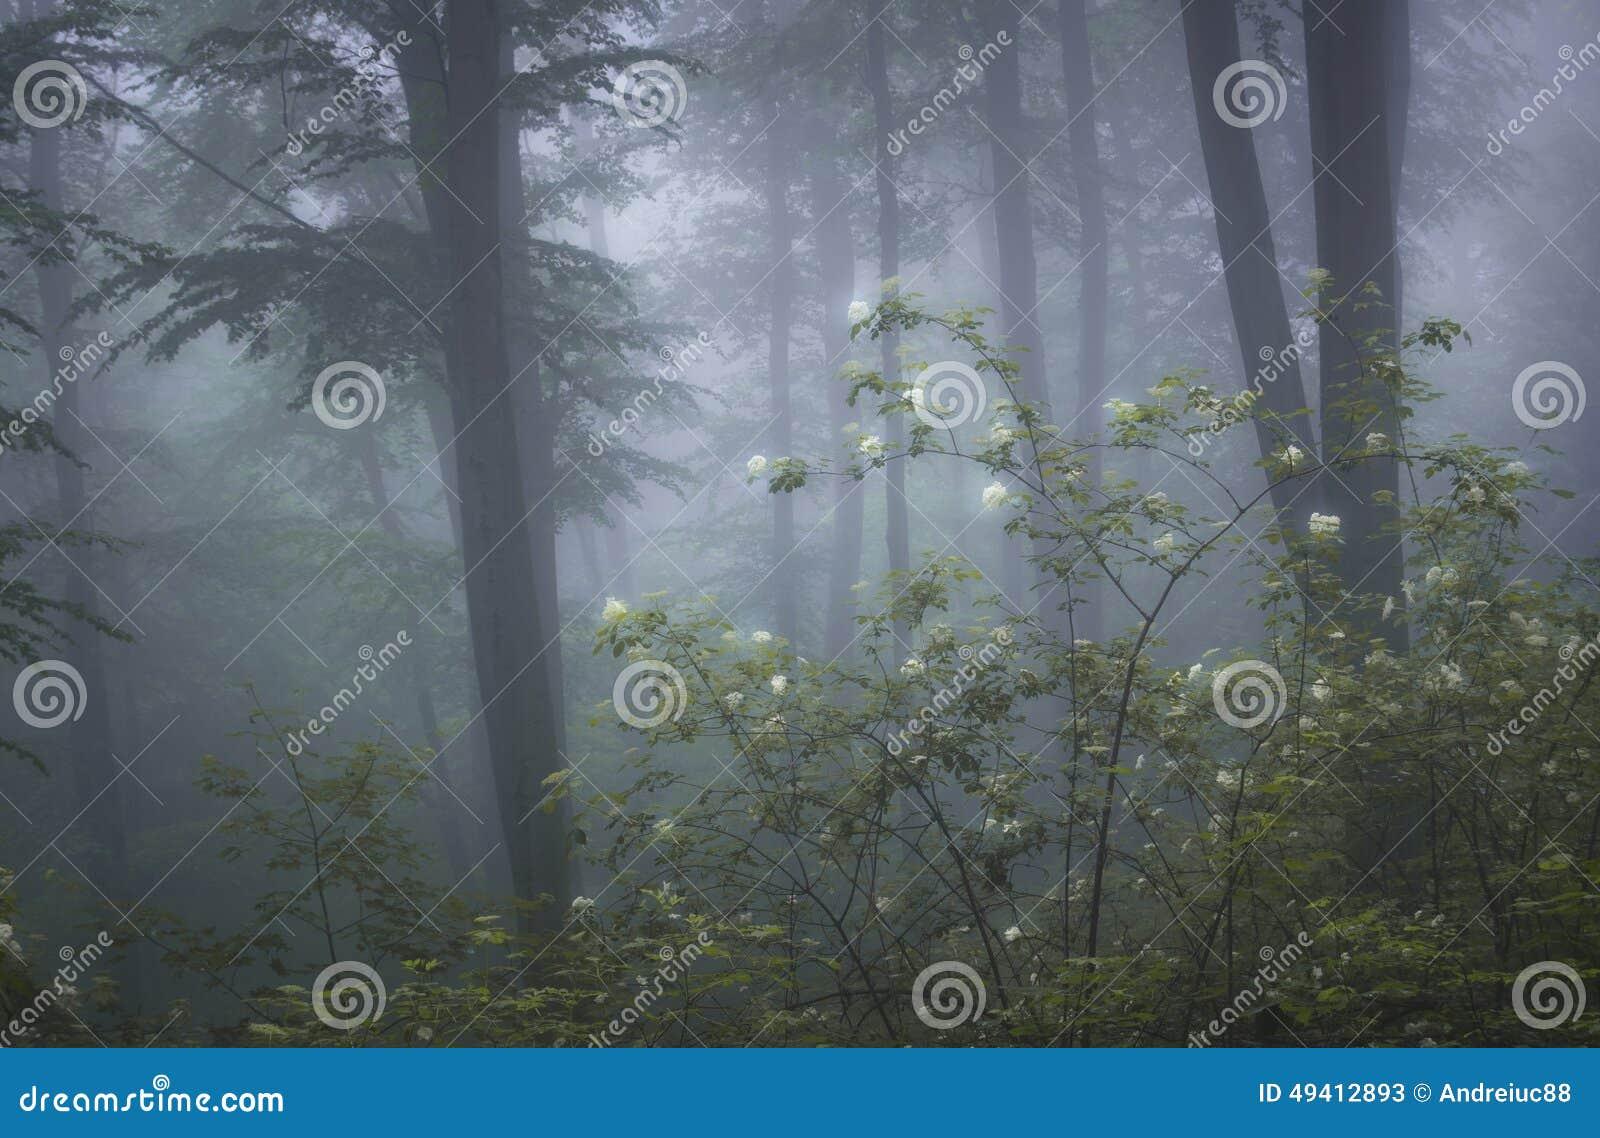 Forêt avec le brouillard et les fleurs en fleur